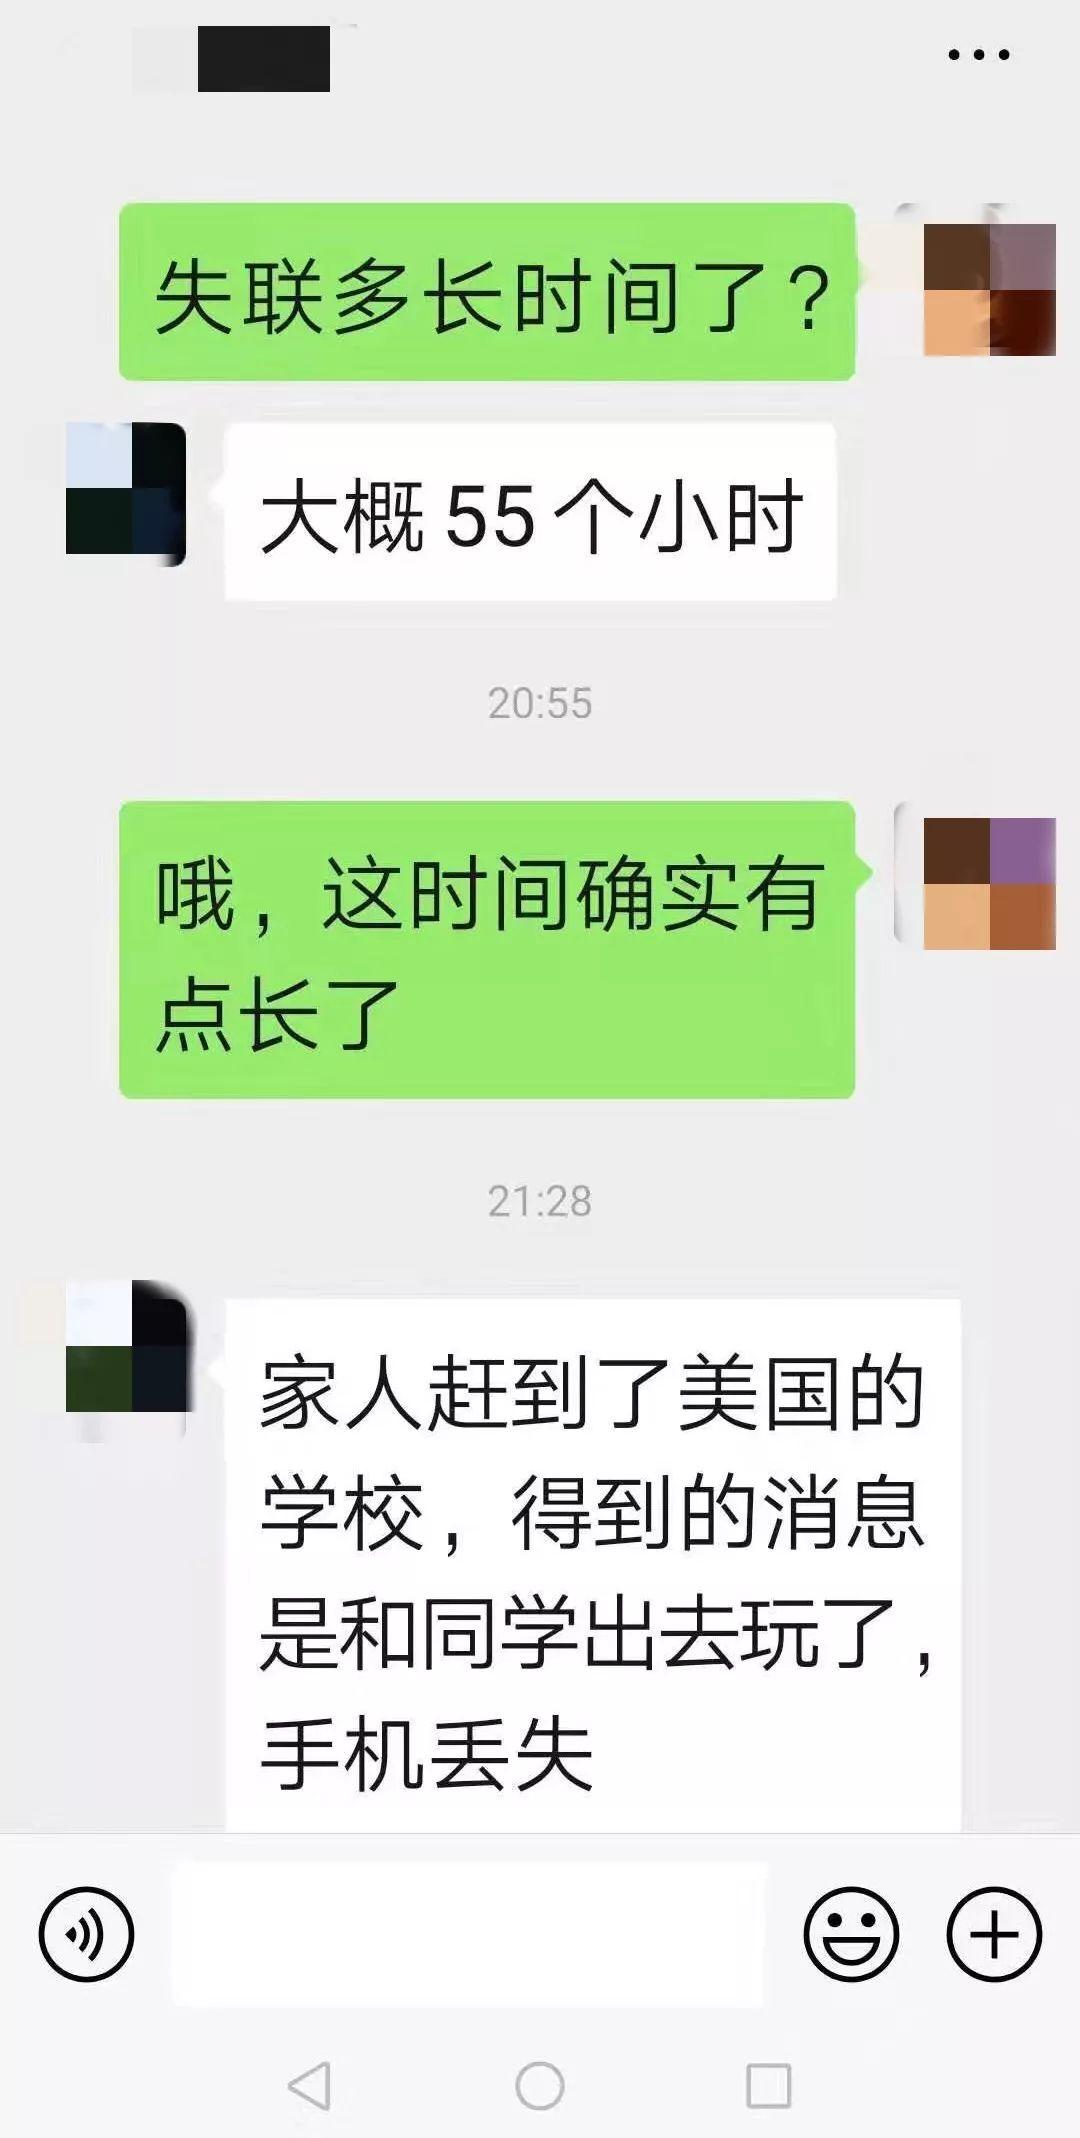 浙传老师美国失联事件来龙去脉 最新消息:老师找到了 失联原因竟是……(2)